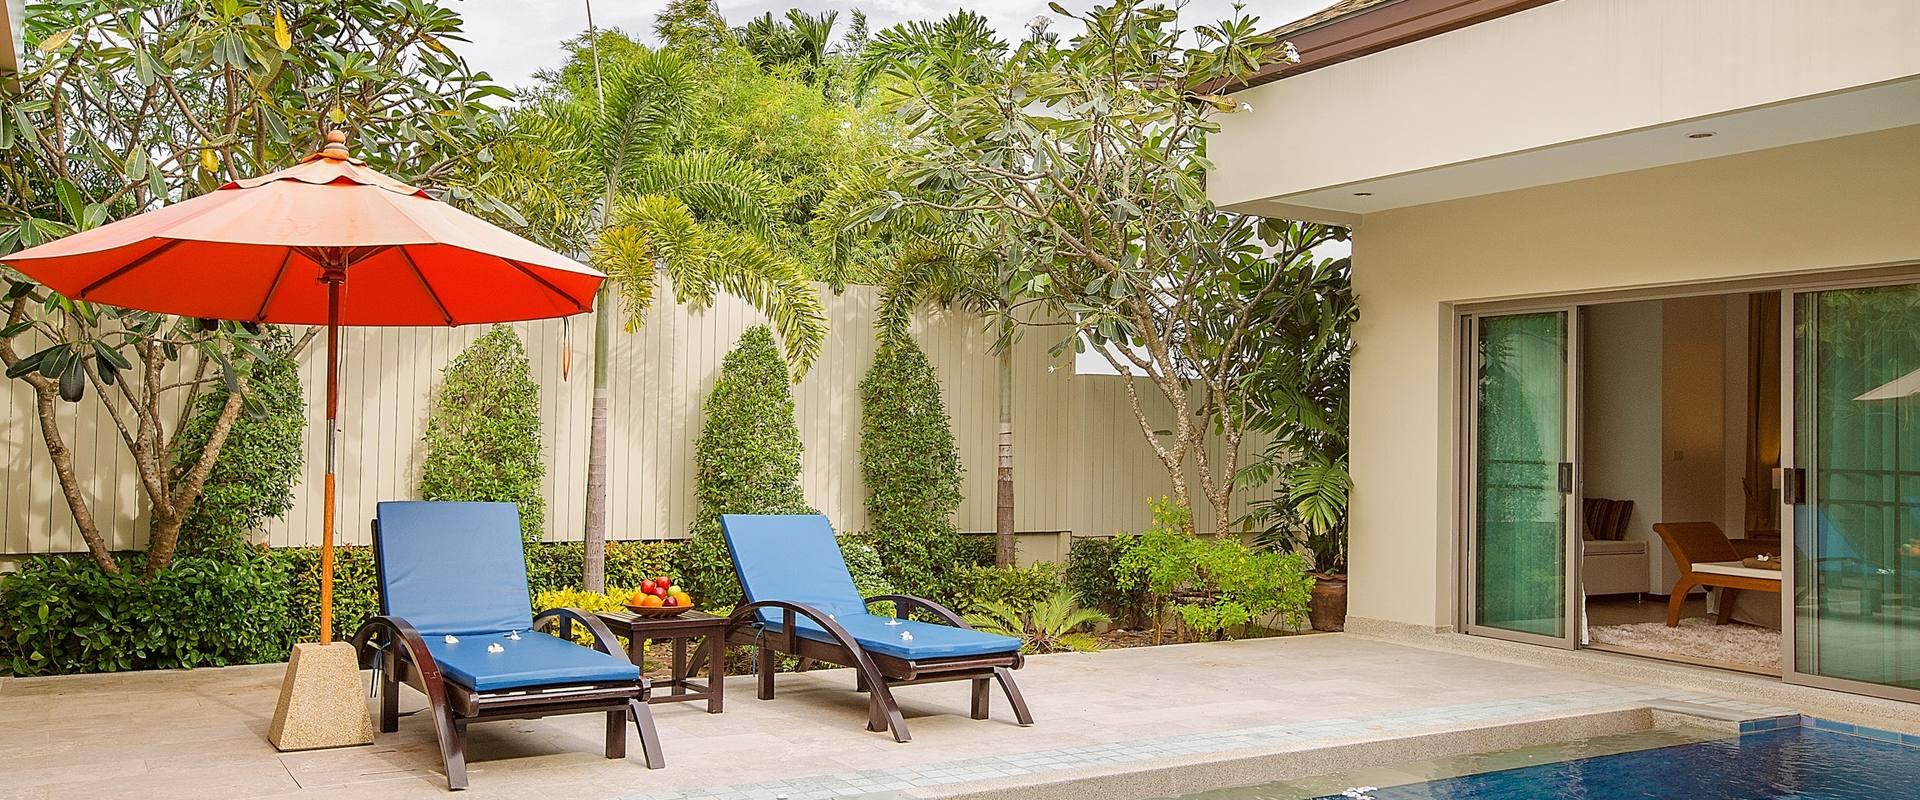 Vacation Rental Villa Bond